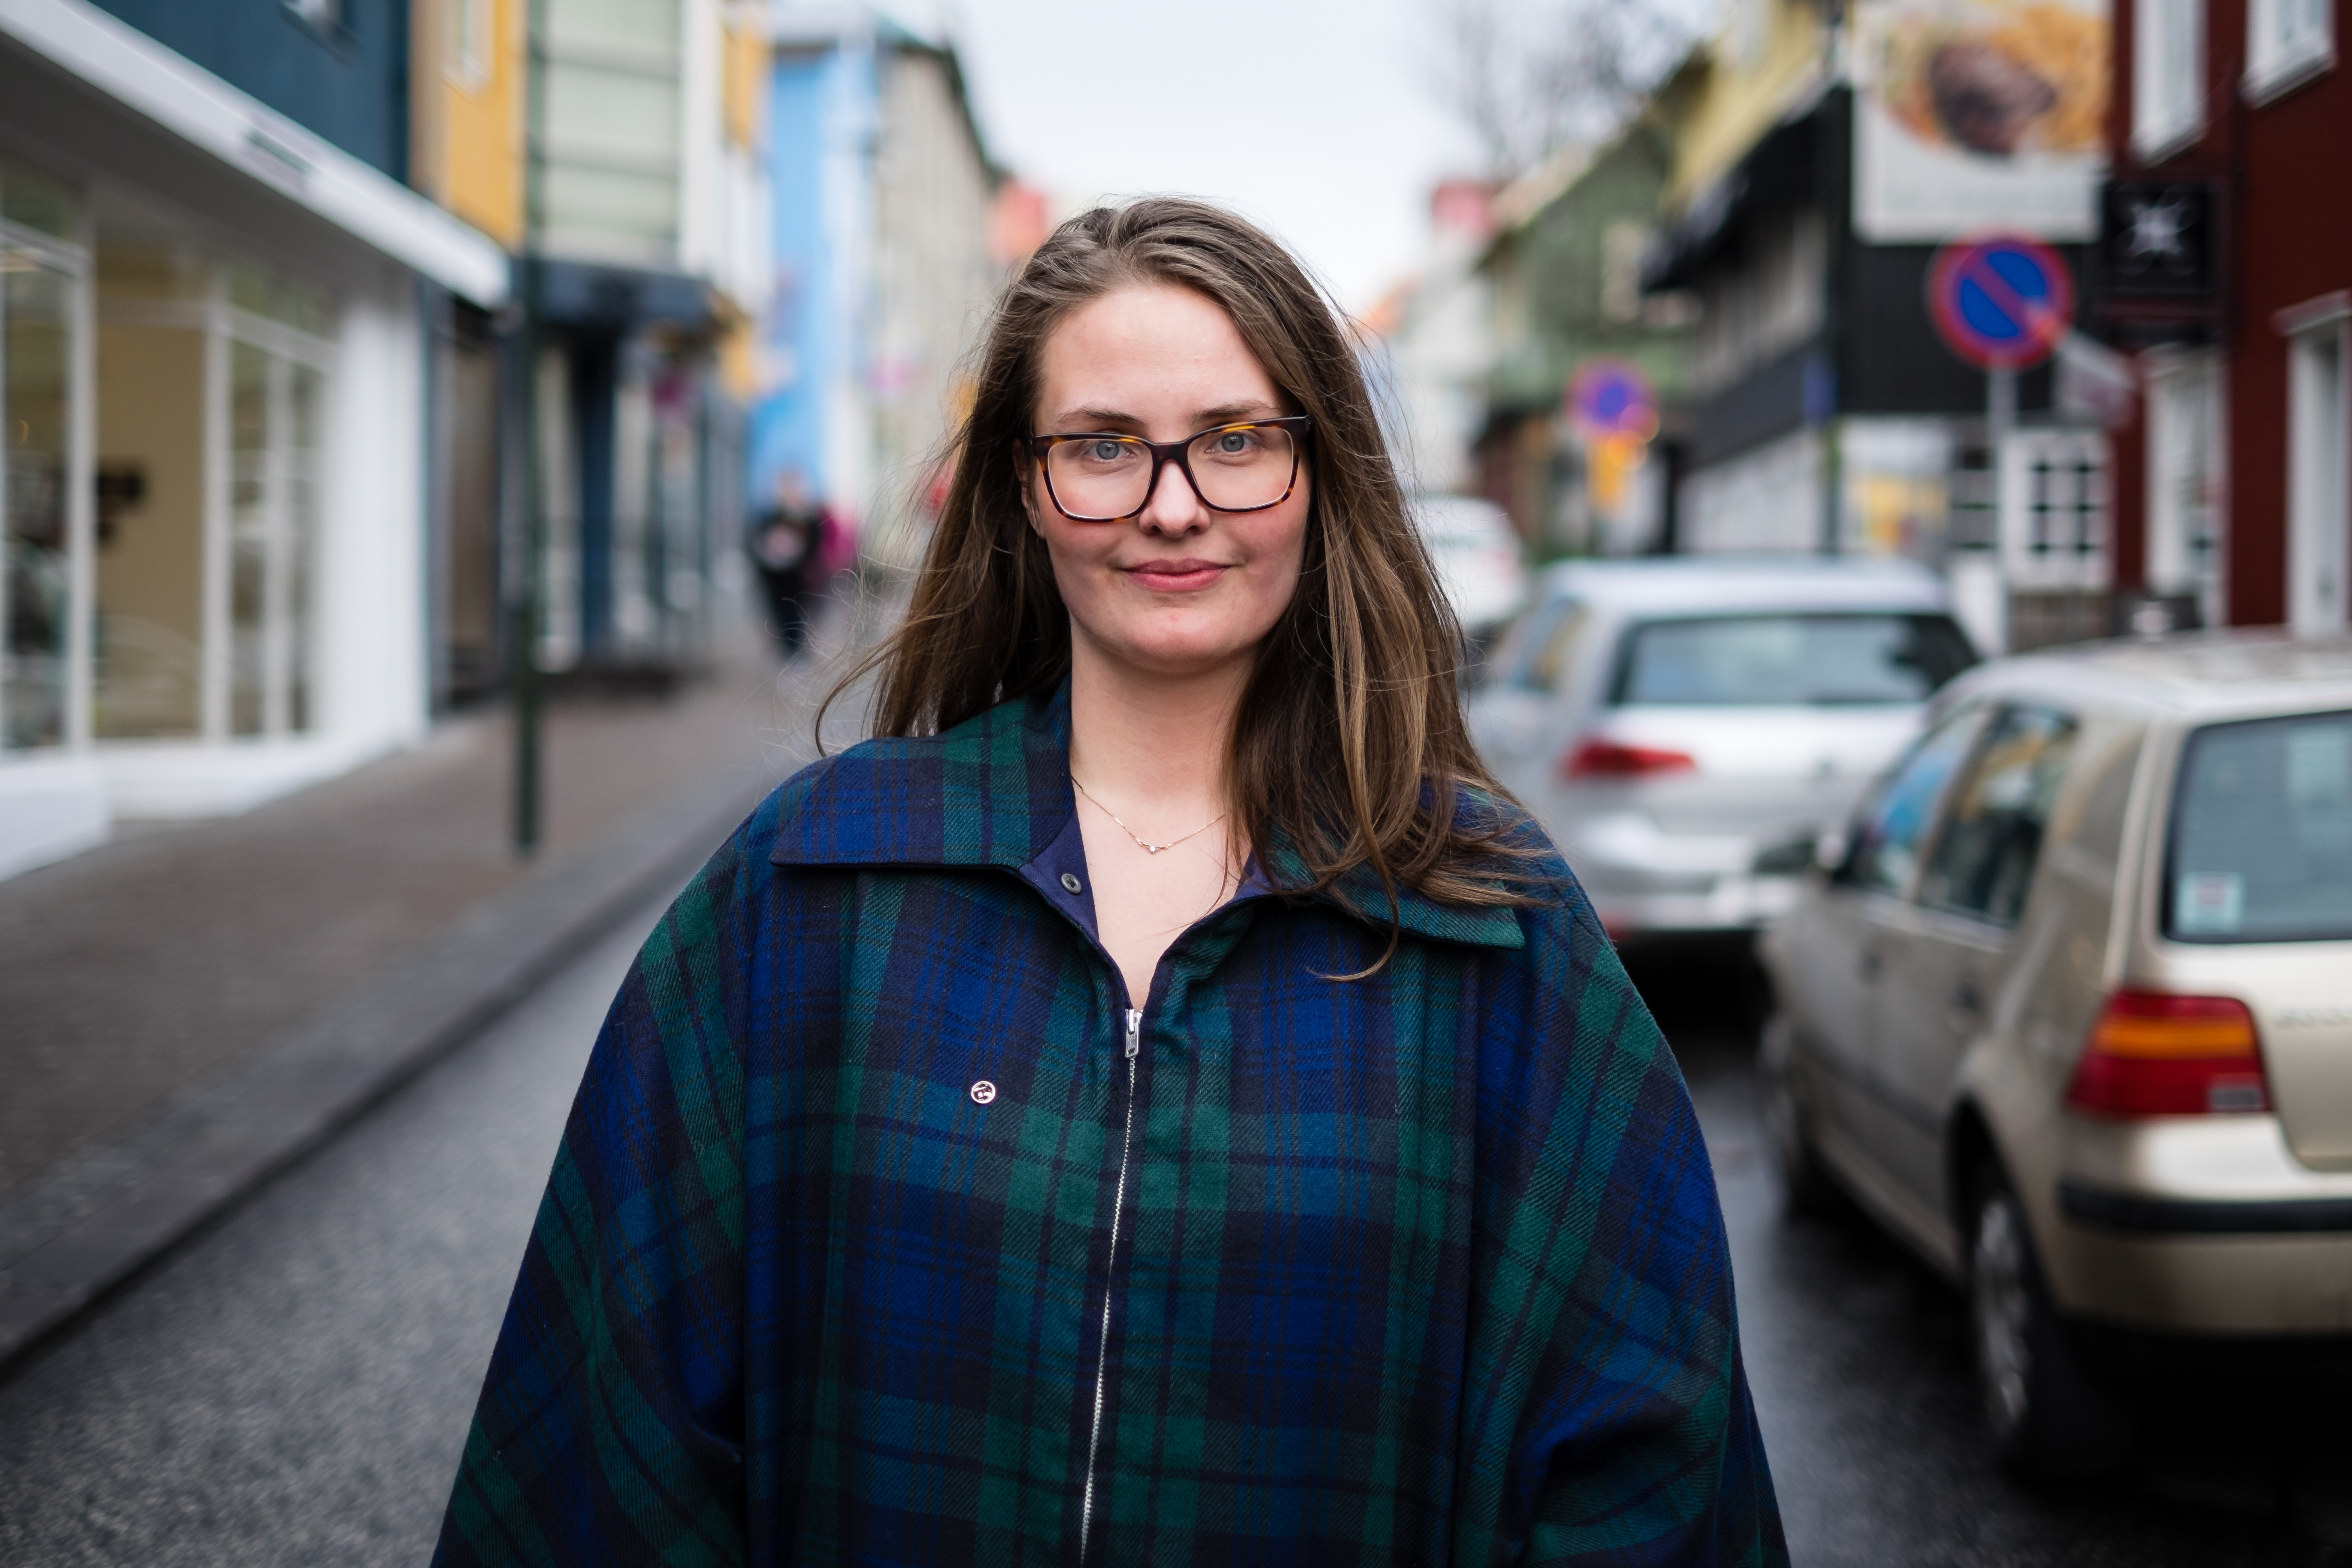 Strangers In Reykjavik